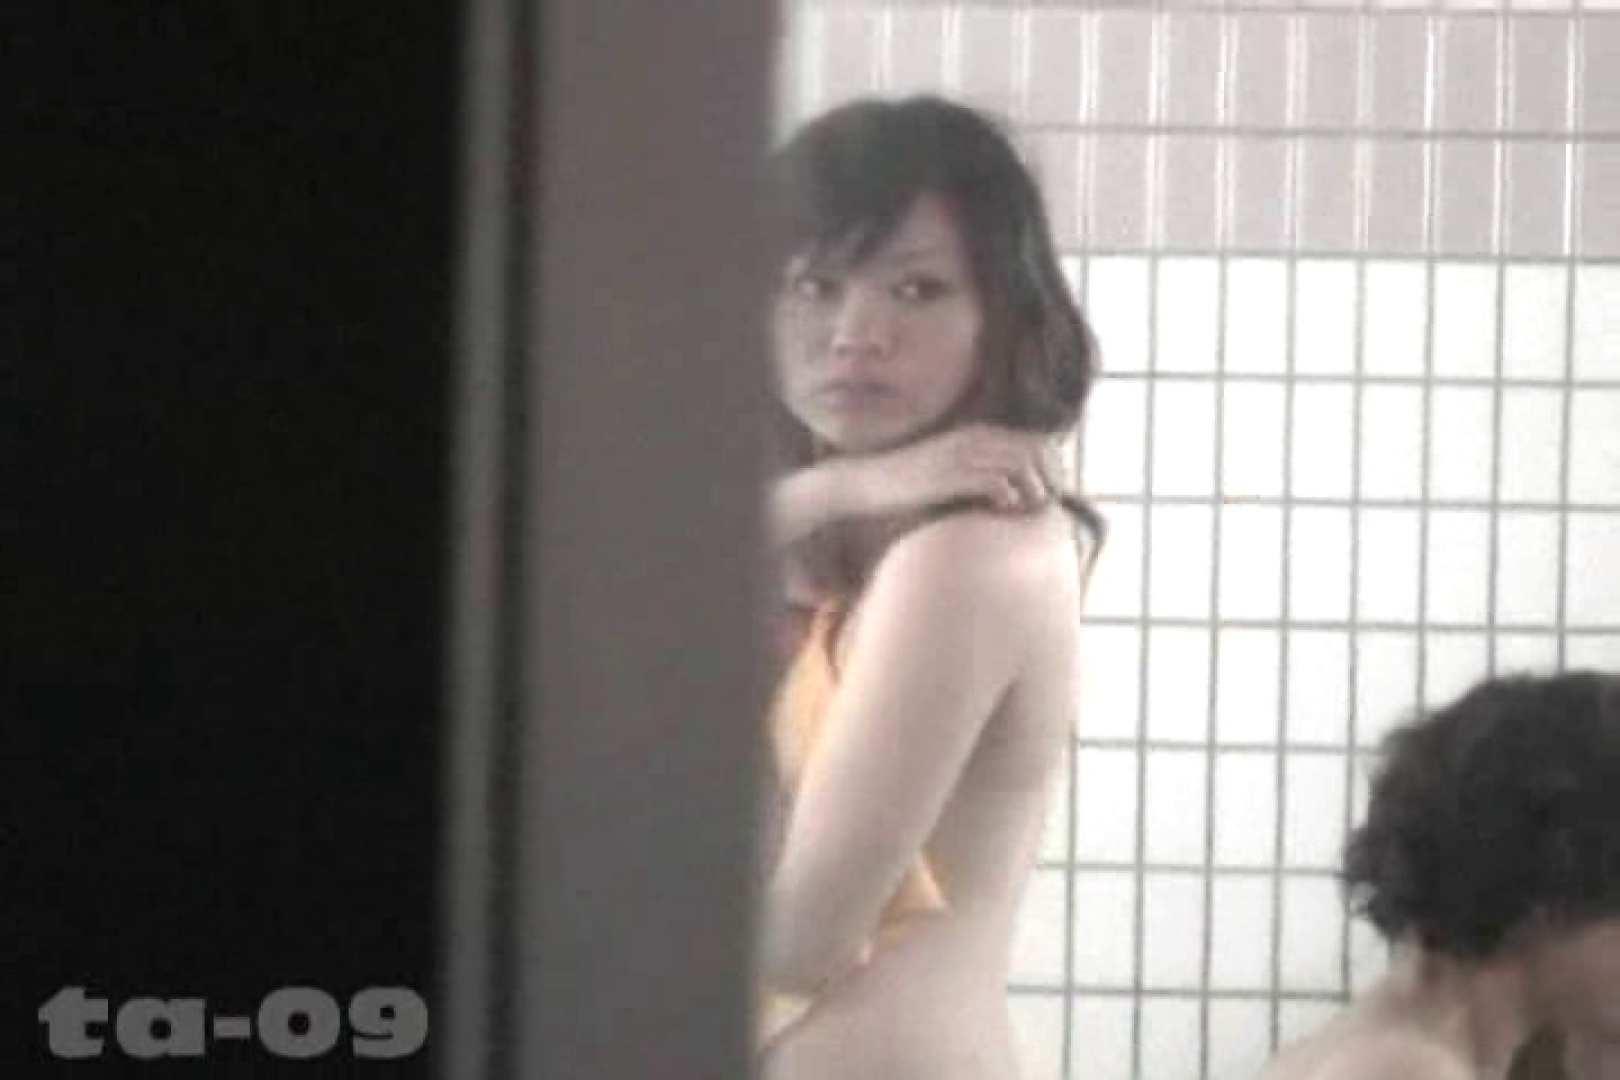 合宿ホテル女風呂盗撮高画質版 Vol.09 合宿 覗きスケベ動画紹介 82連発 17